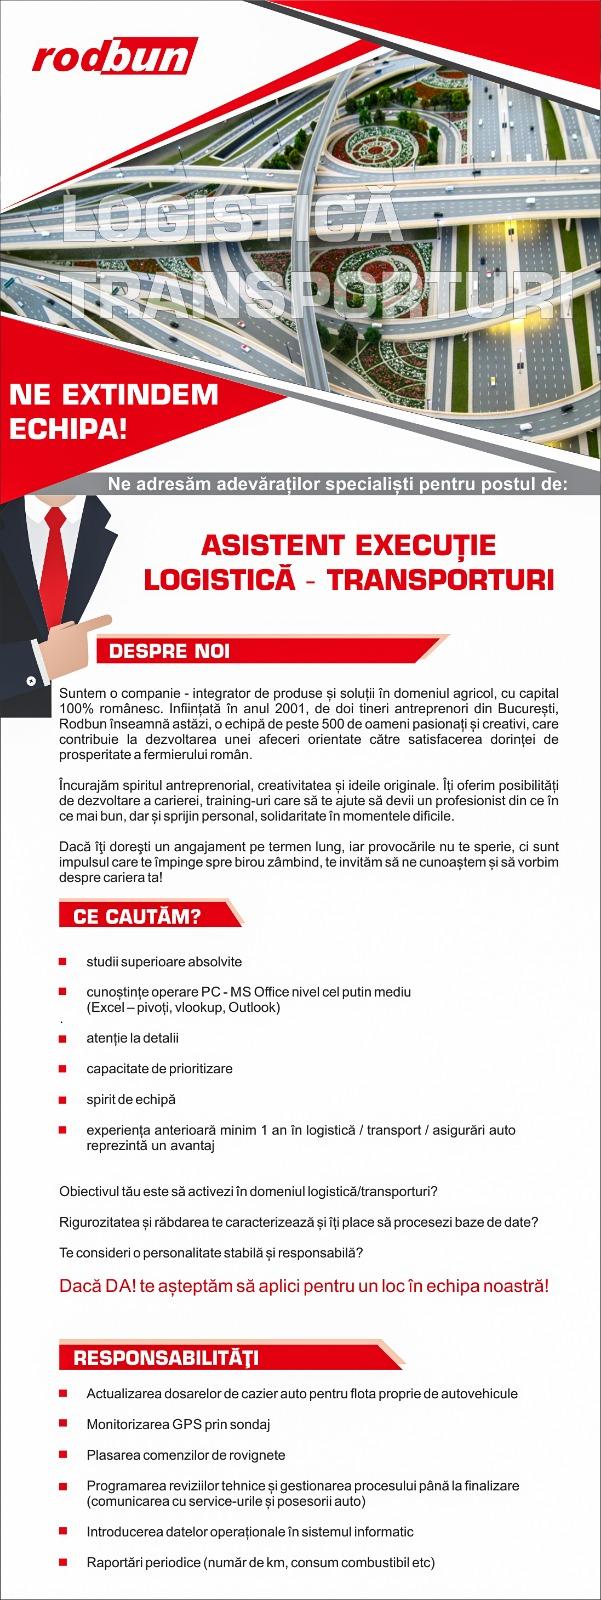 Asistent Executie Logistica-Transporturi